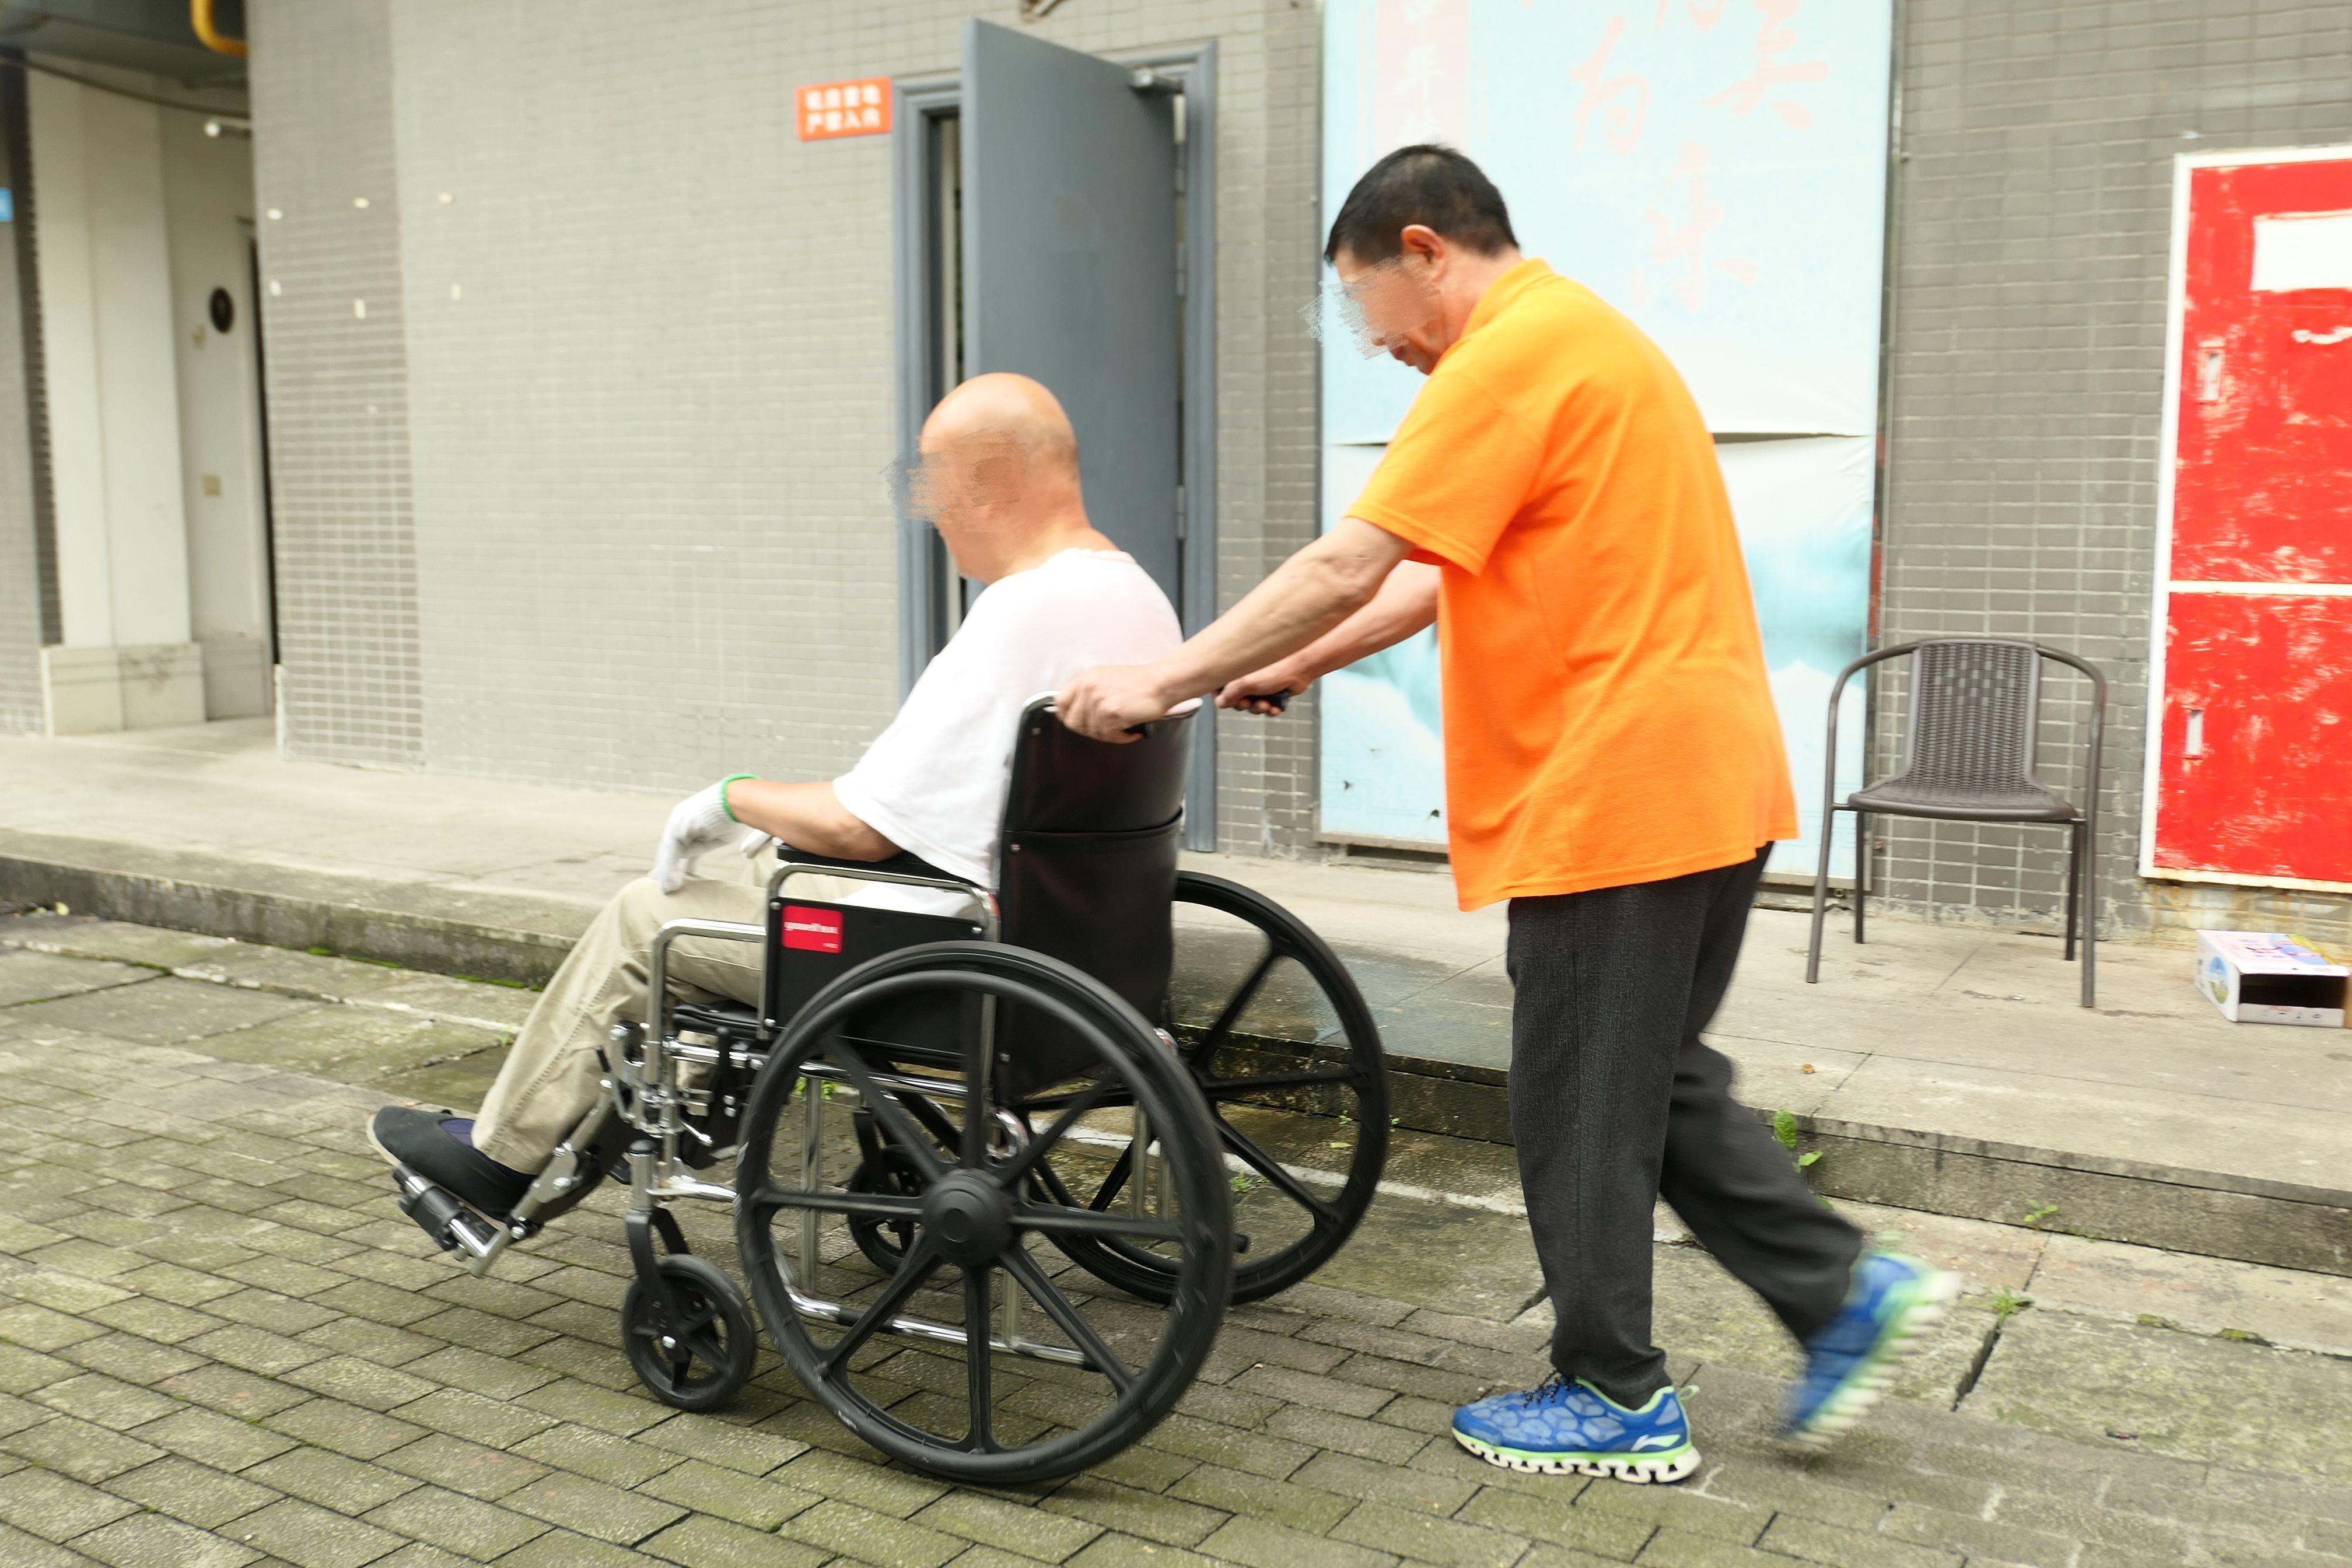 10月5日,养老机构院内,一名护理员推着老人散步。新京报记者 徐杨 摄